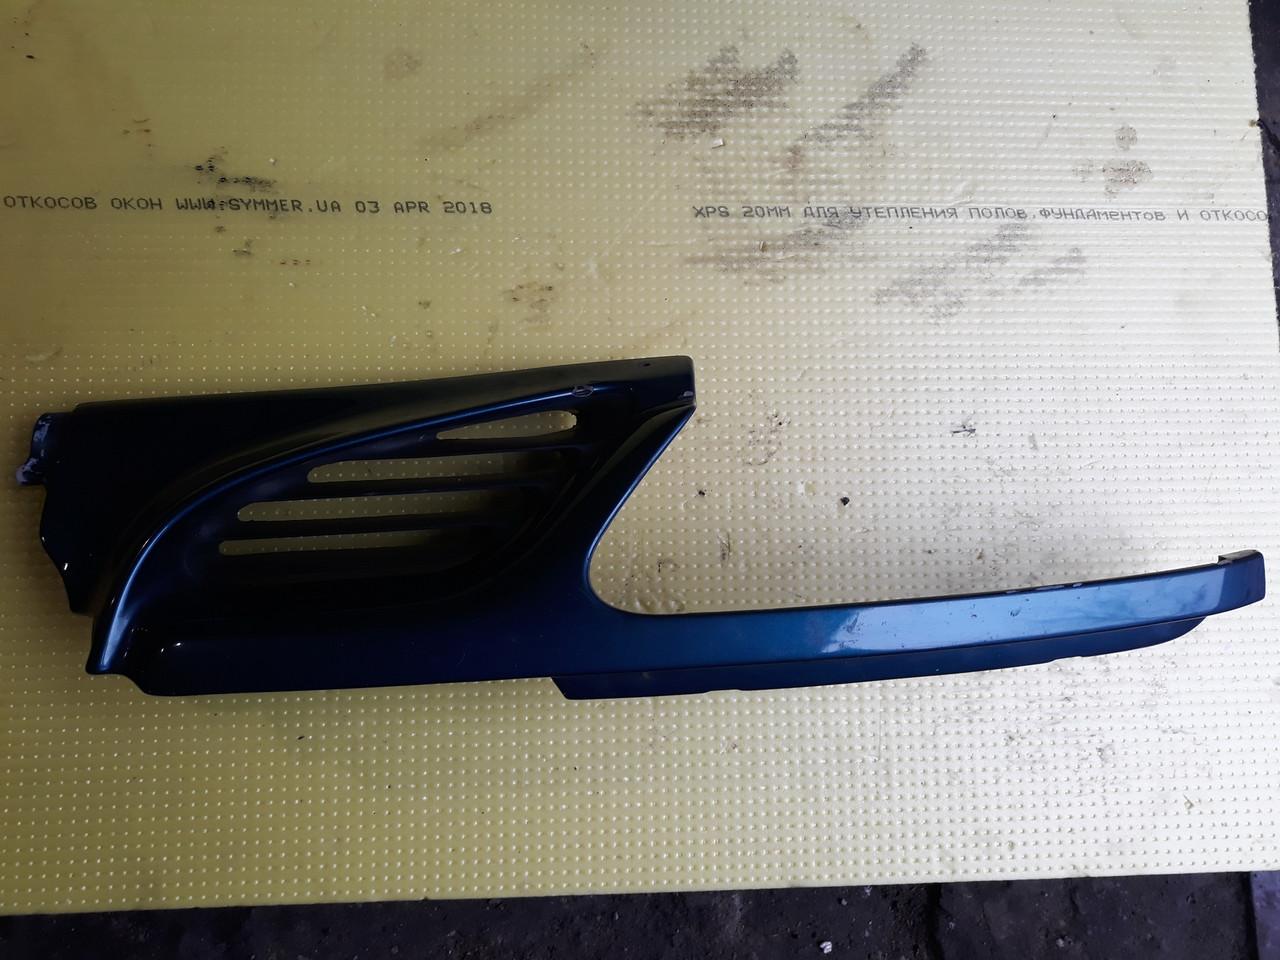 Решётка радиатора левая Renault megane scenic 1 I 7700834200 95-99